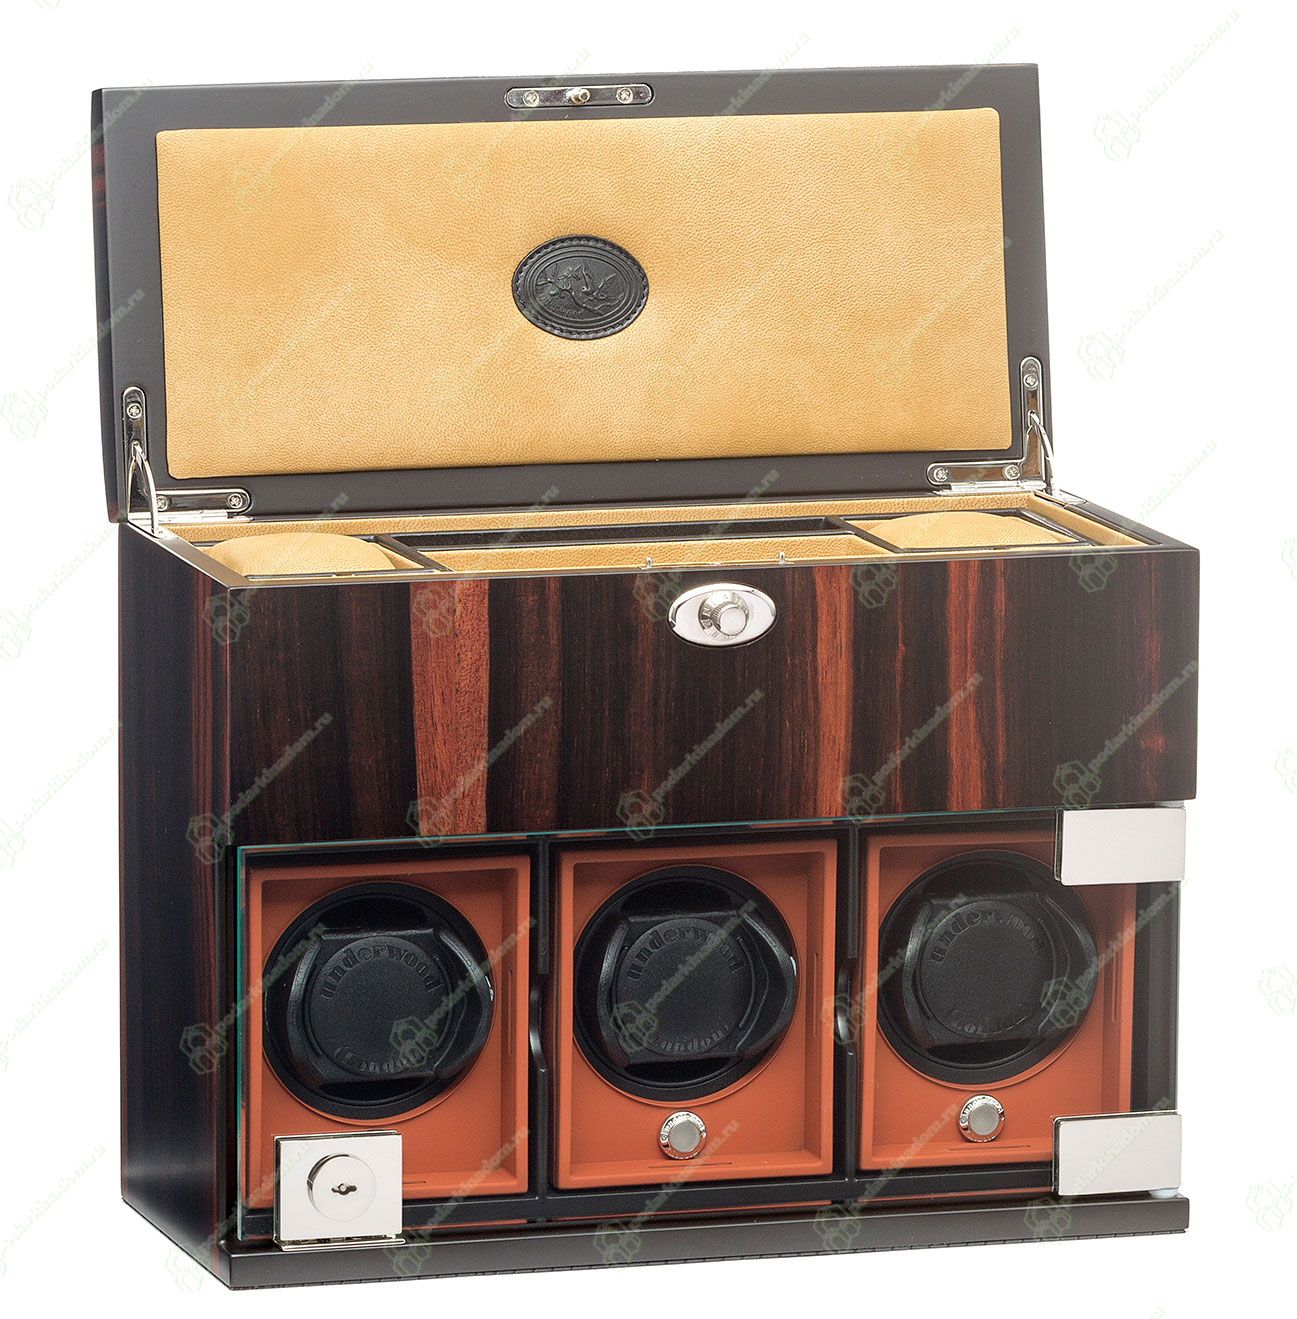 UN/7824 Деревянная шкатулка для 3 наручных часов. Корпус отделан шпоном эбенового дерева. Новинка 2016 года.